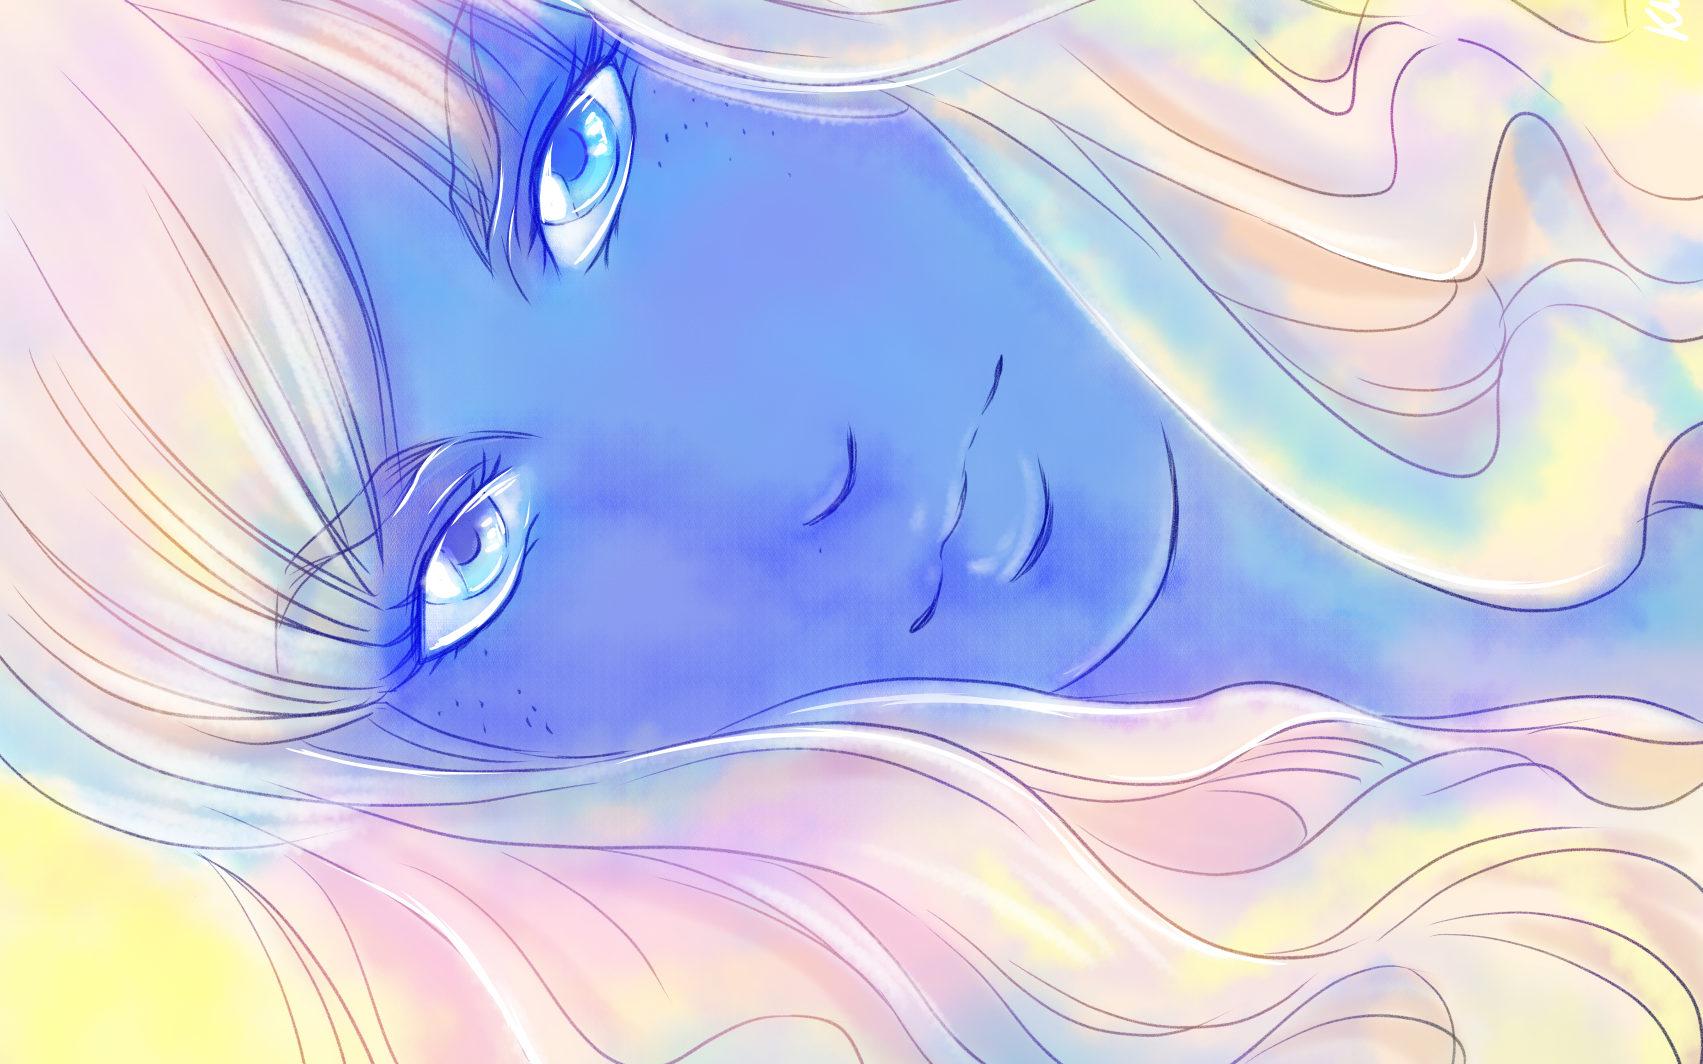 femme à la peau bleue